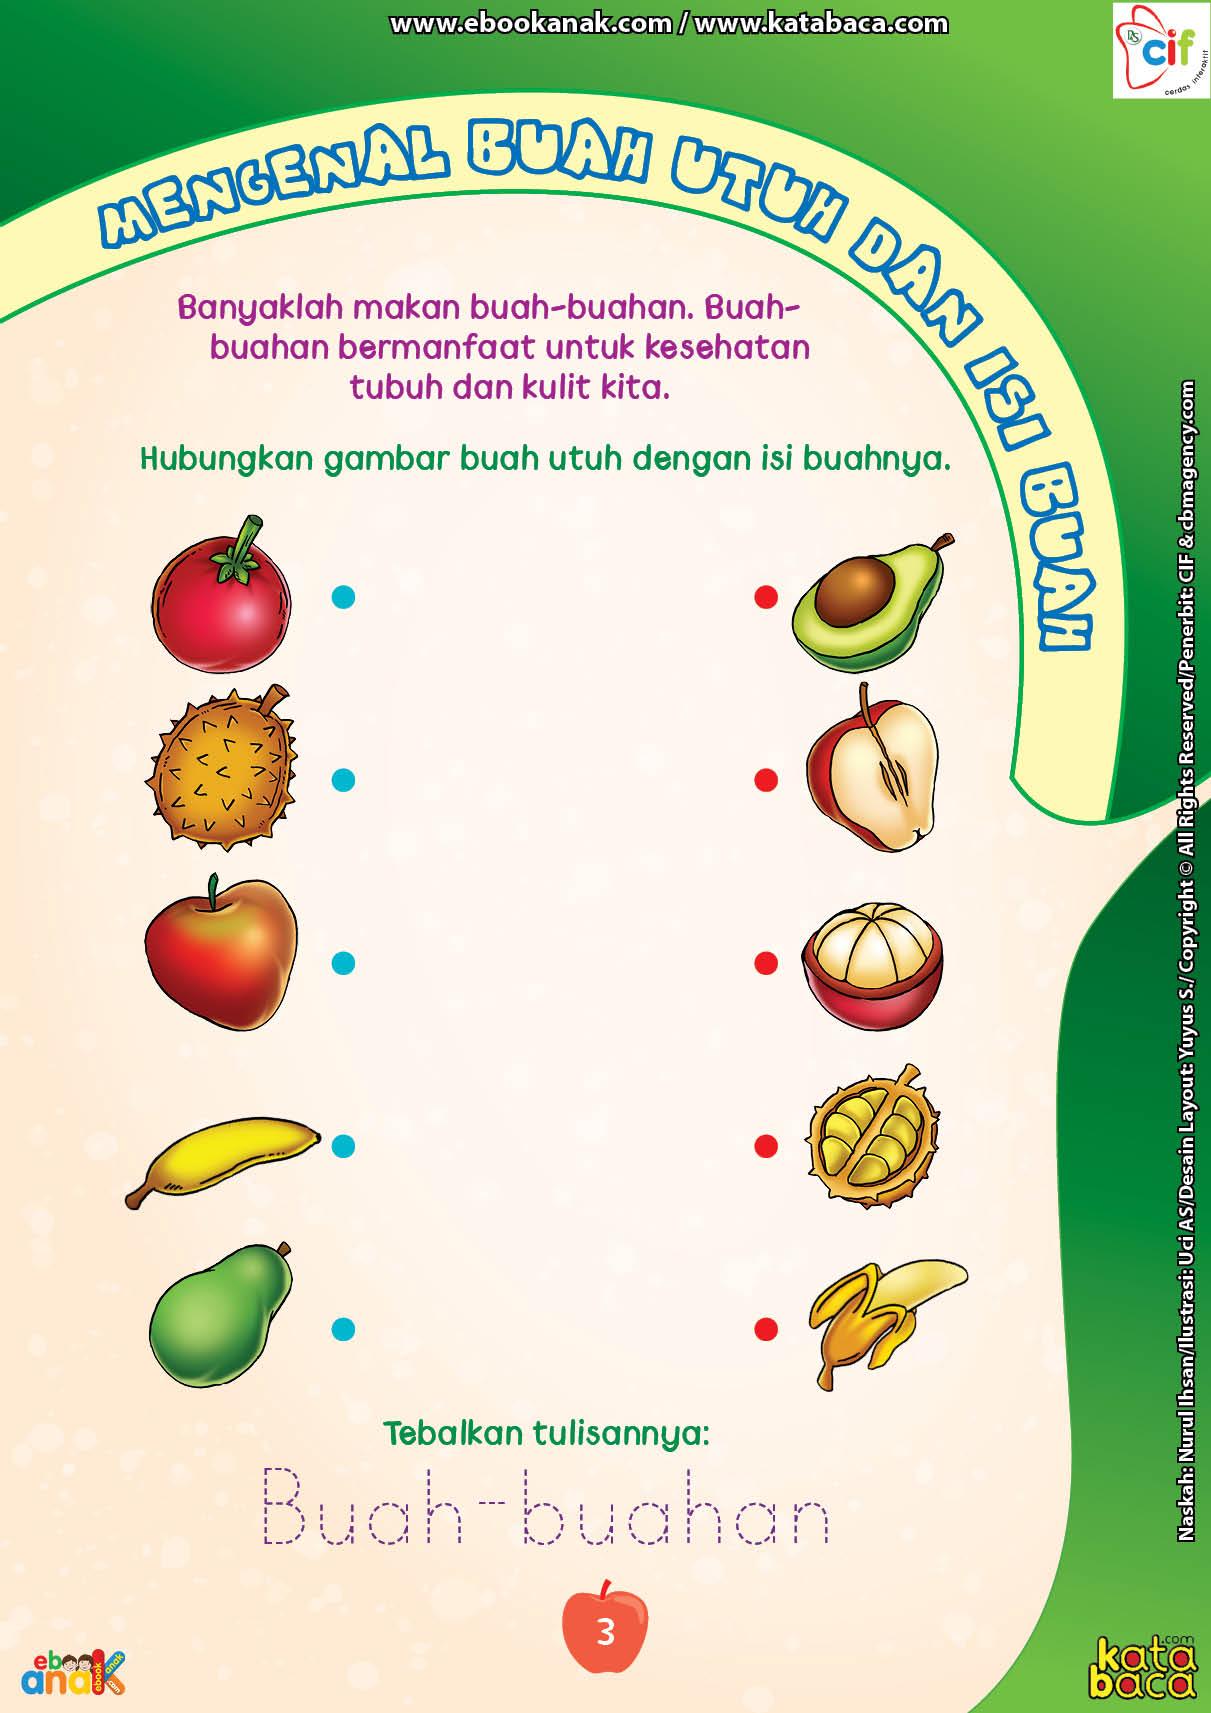 baca buku online brain games fun sains11 mengenal buah utuh dan isi buah